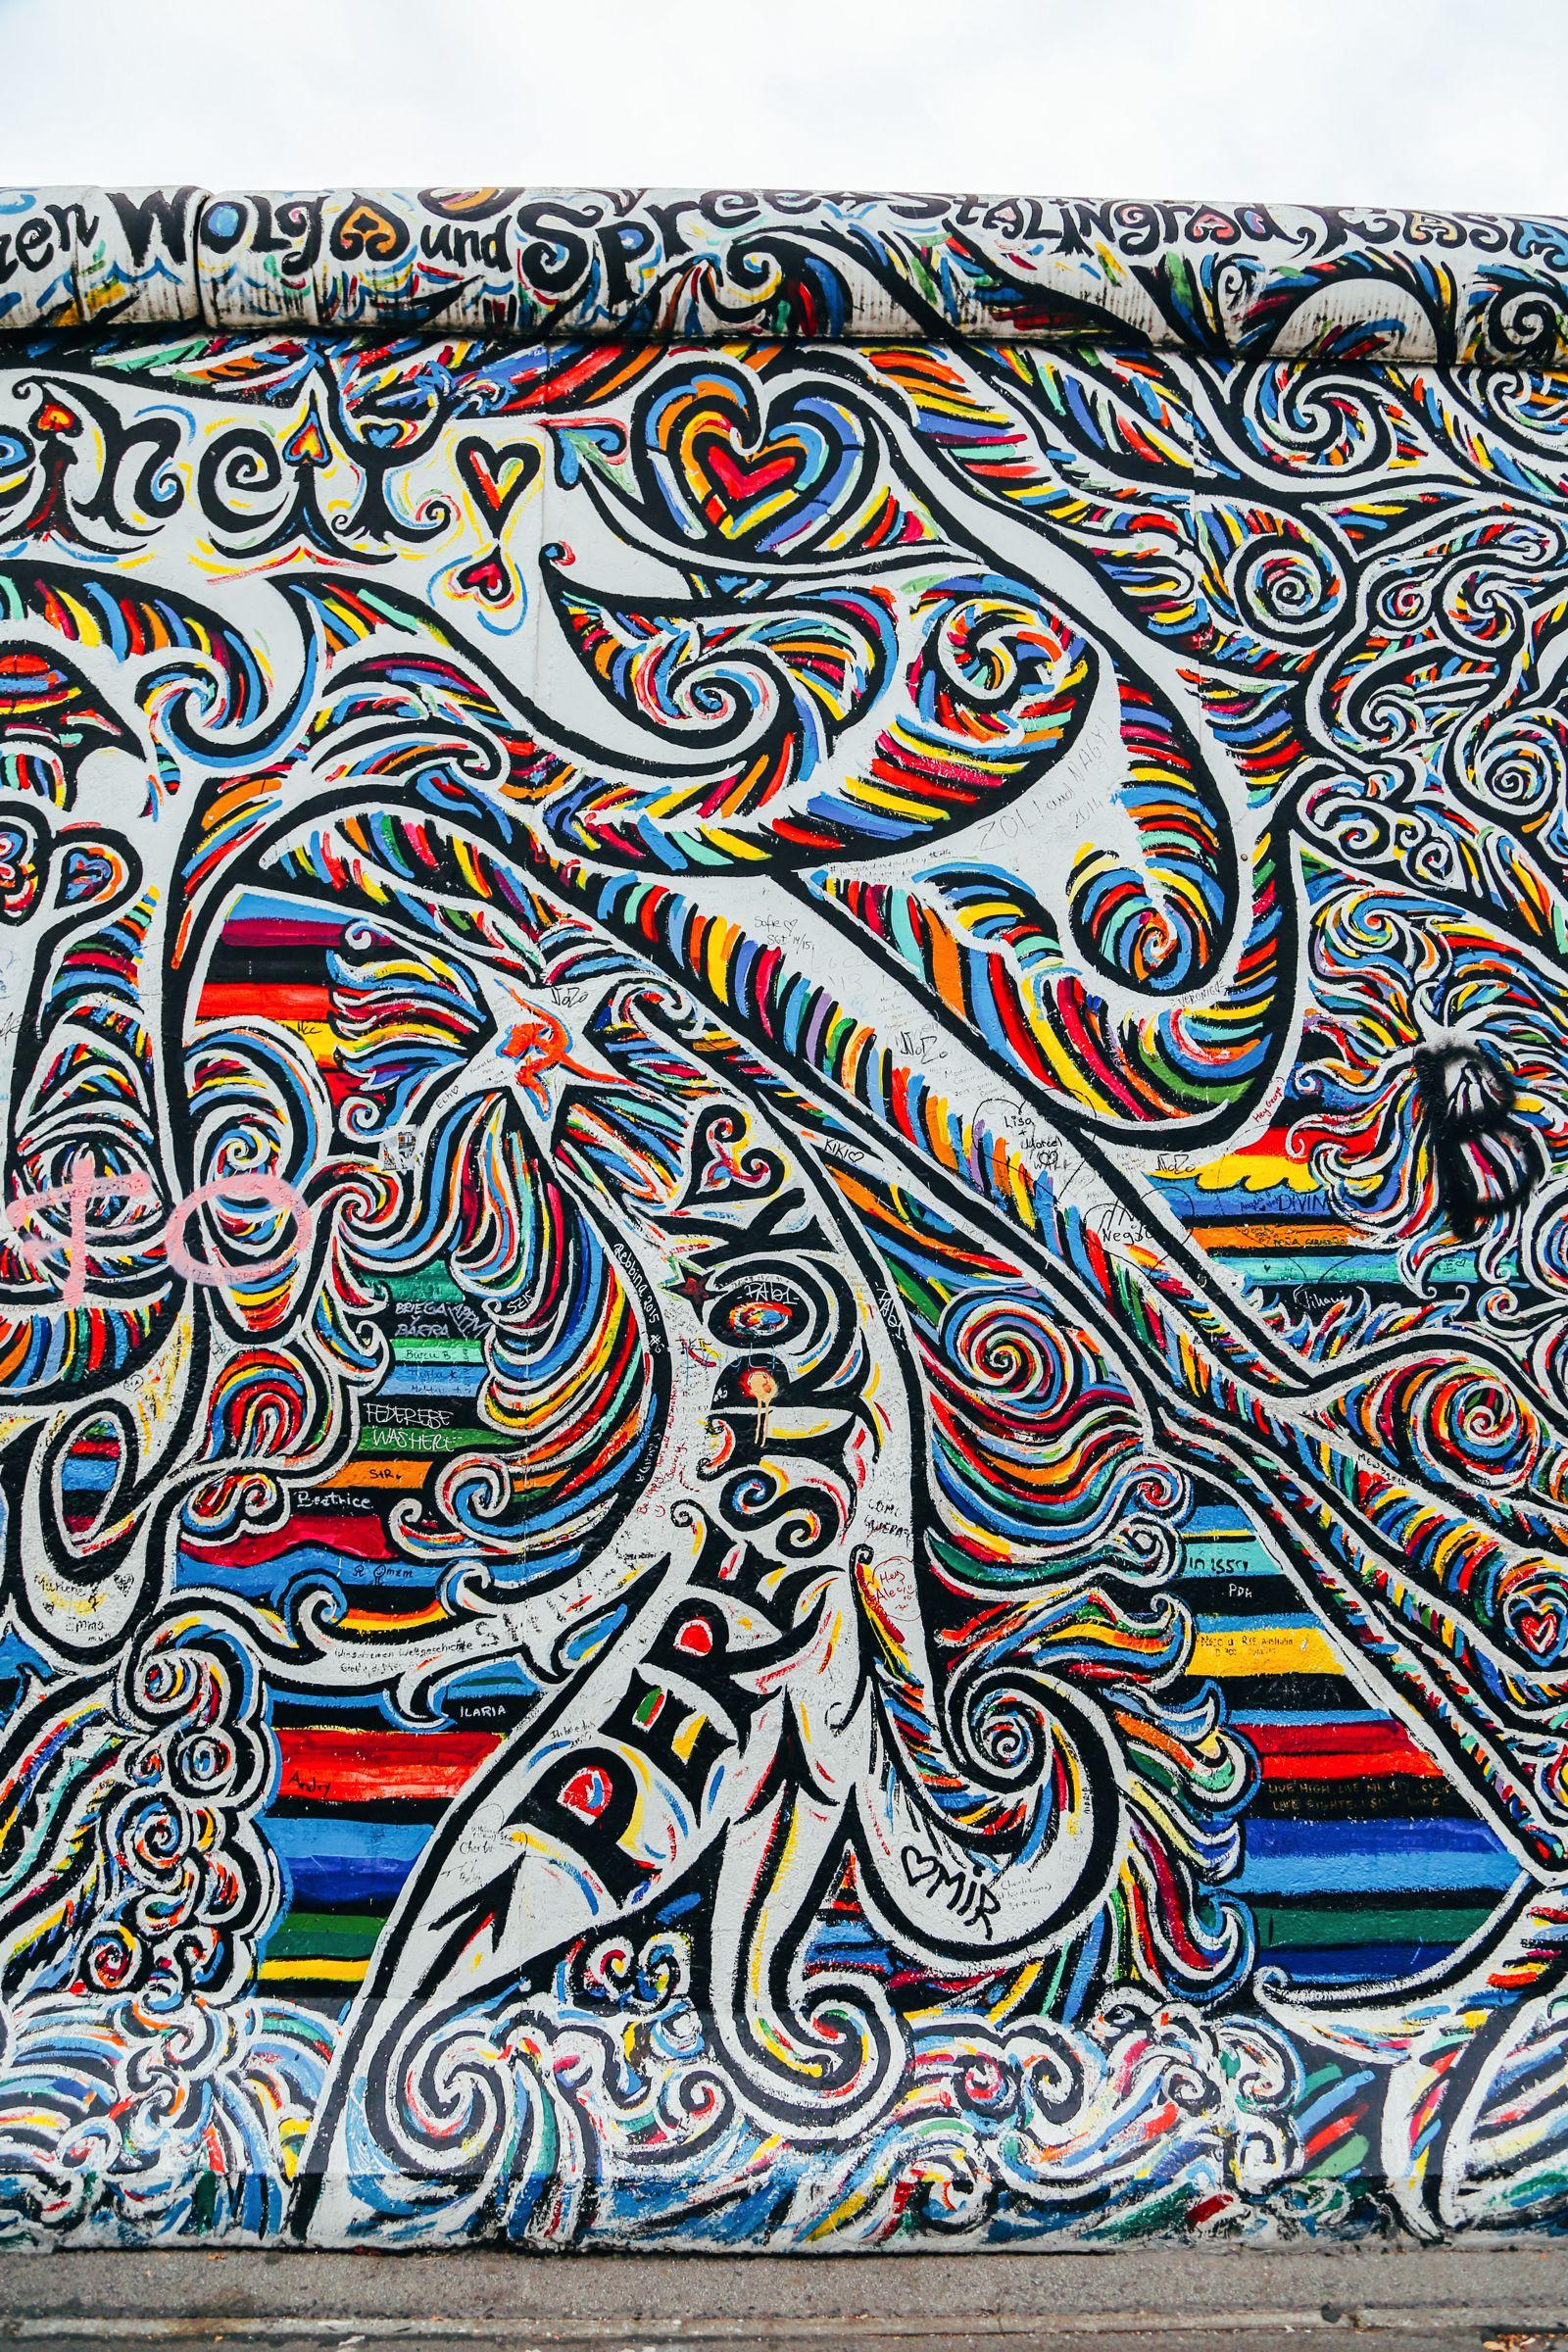 East Side Gallery, Berlin, Germany (15)